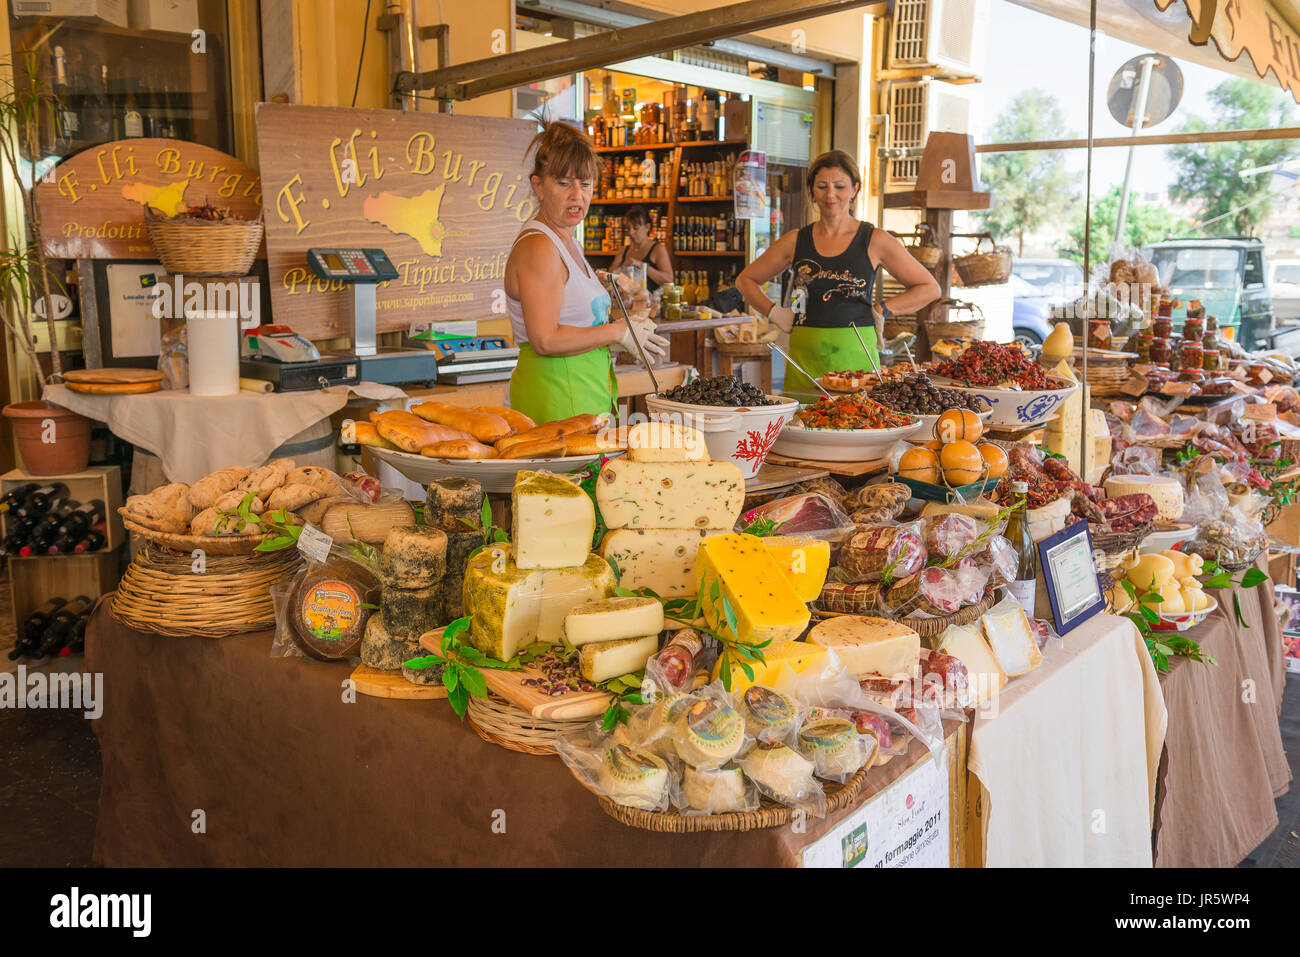 Sizilien-Lebensmittel-Markt, eine beliebte Delikatesse Verkauf typisch sizilianischen produzieren auf dem Markt auf der Insel Ortigia (Ortygia), Syrakus, Sizilien, Stockbild